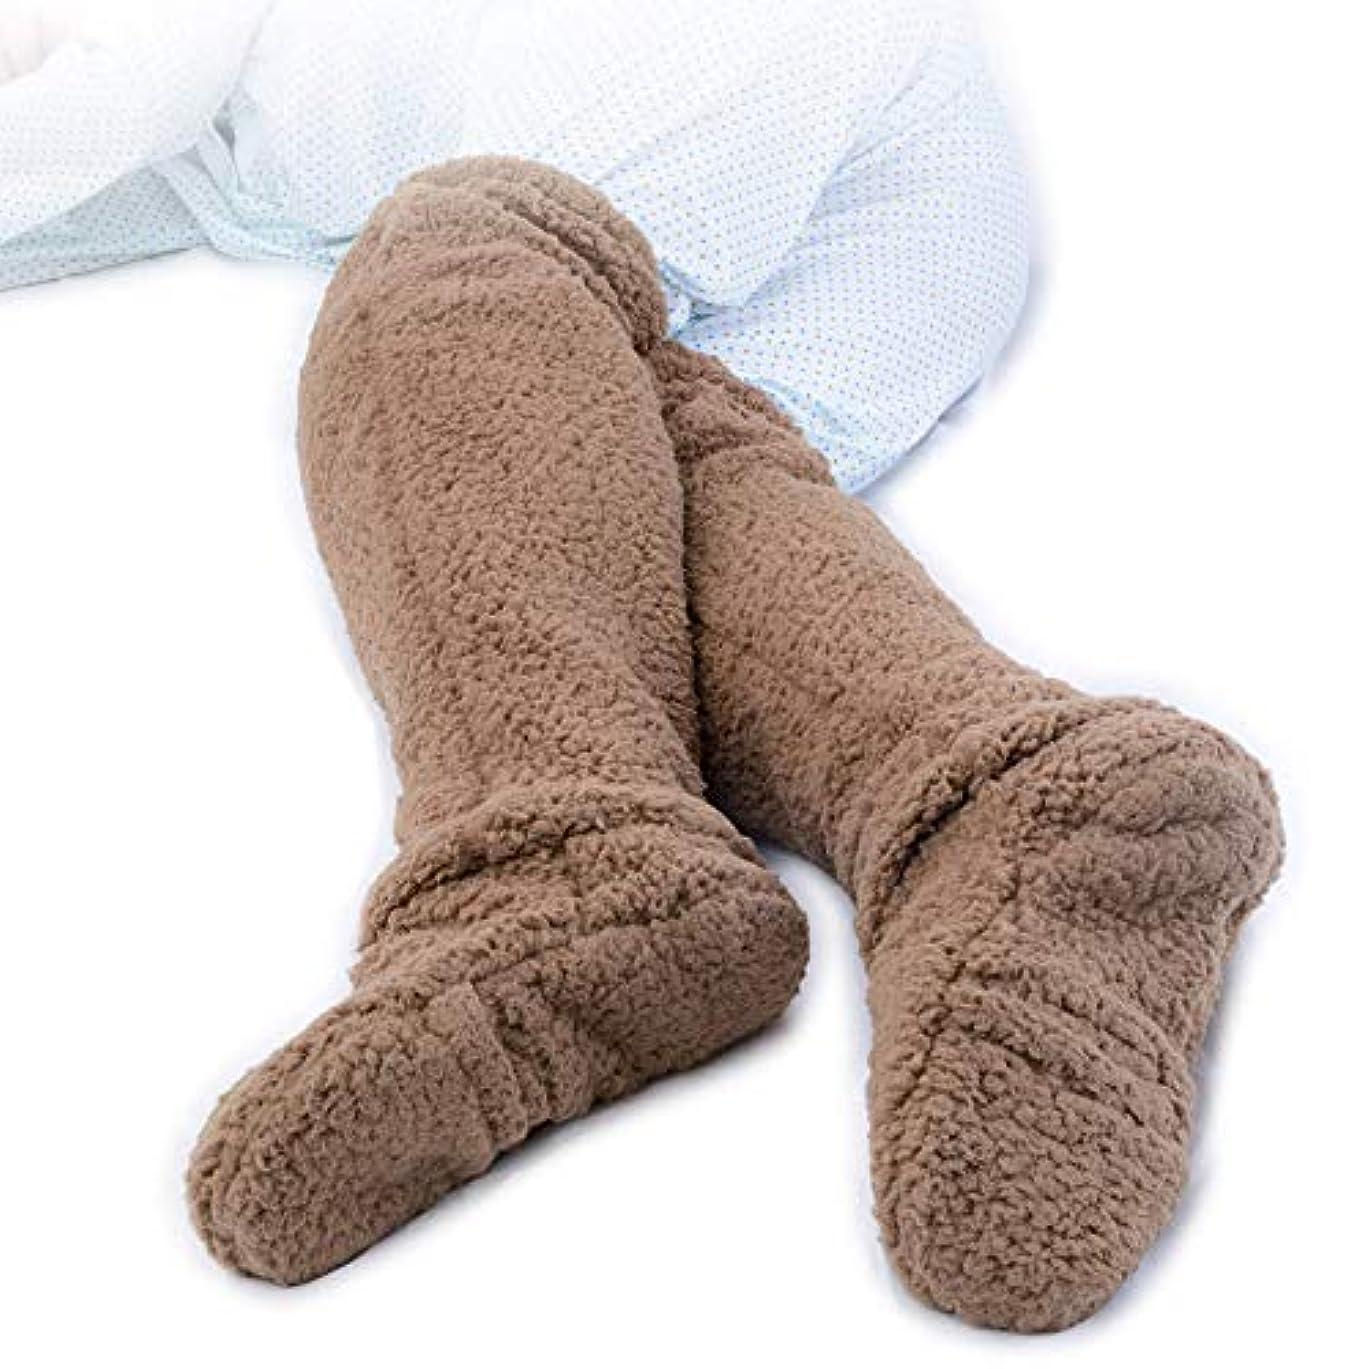 送信するファンブル次ヒートソックス,Enteriza 極暖 防寒 足が出せるロングカバー あったかグッズ ルームシューズ 男女兼用 2重フリース生地 室内履き 軽量 洗える